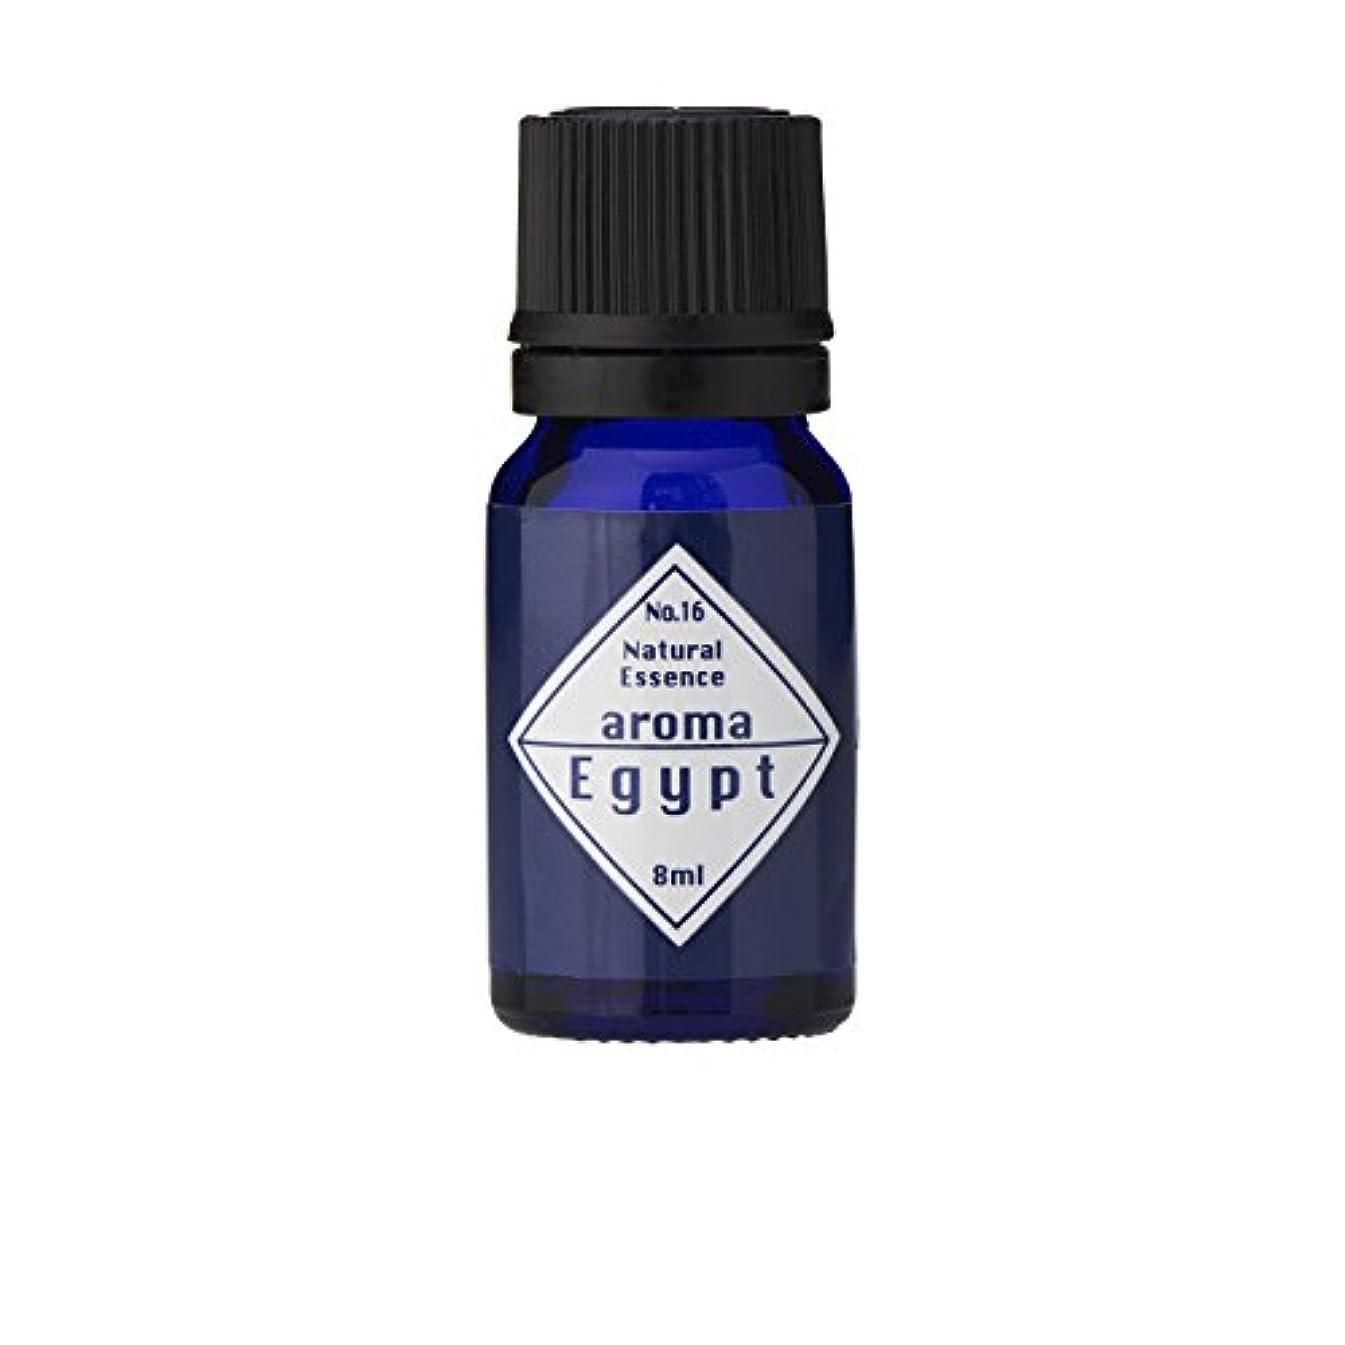 少数洞察力のあるリラックスブルーラベル アロマエッセンス8ml エジプト(アロマオイル 調合香料 芳香用)